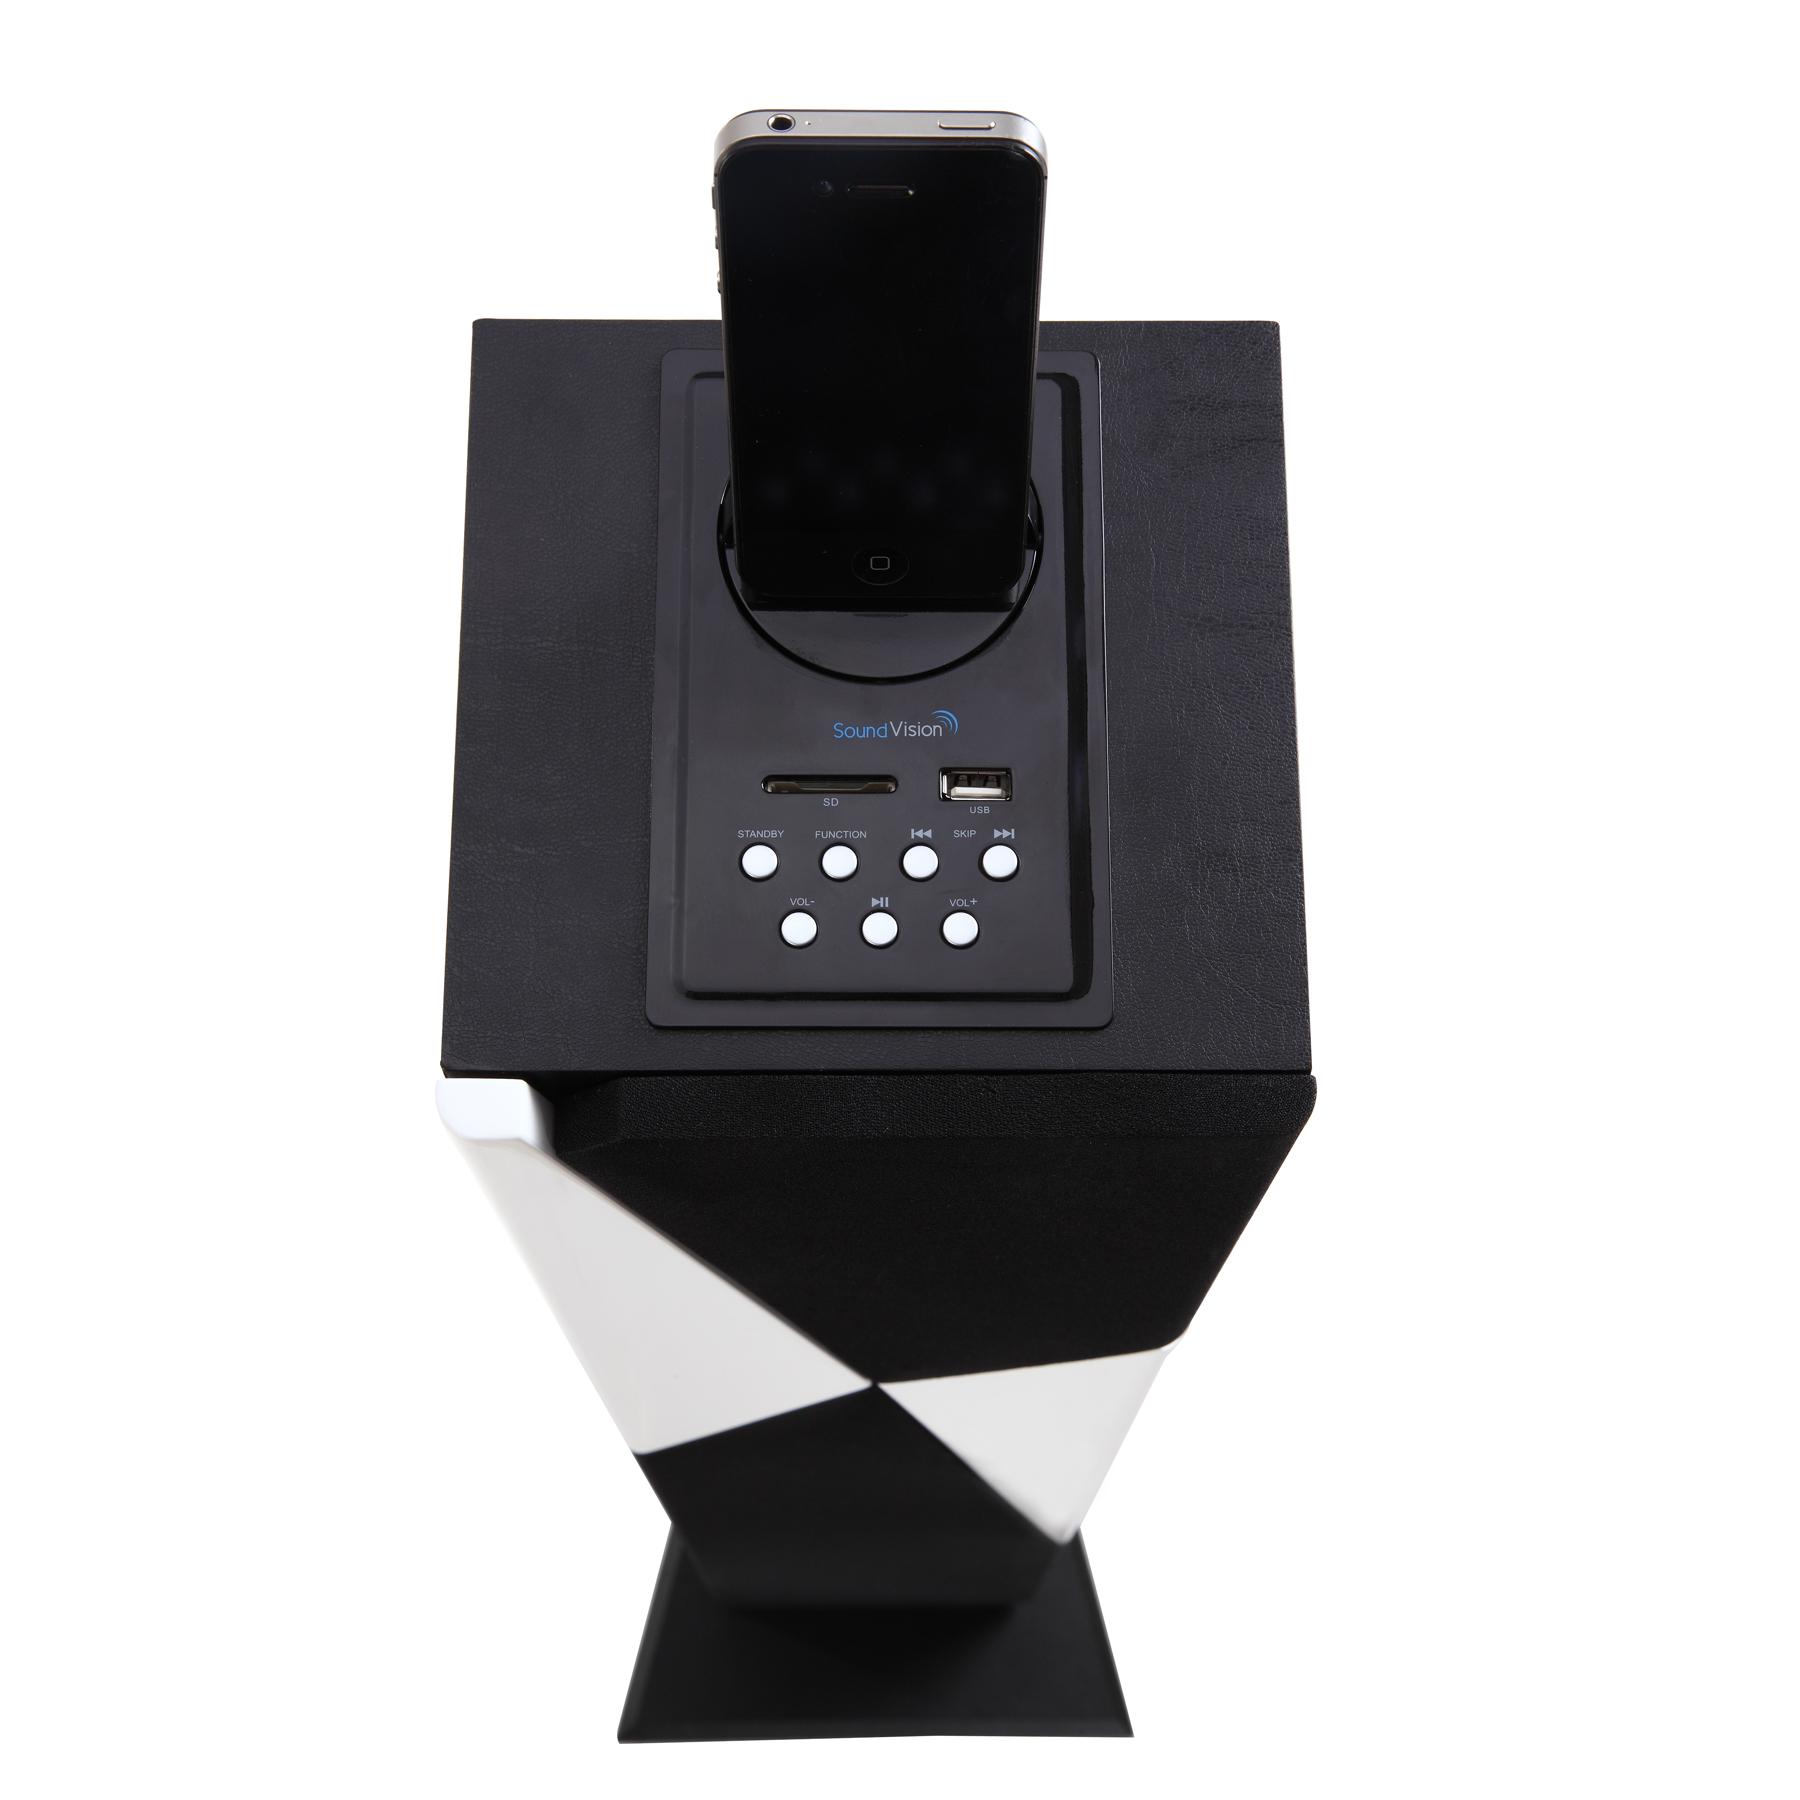 soundvision sv t21 bt blanc rouge dock enceinte. Black Bedroom Furniture Sets. Home Design Ideas